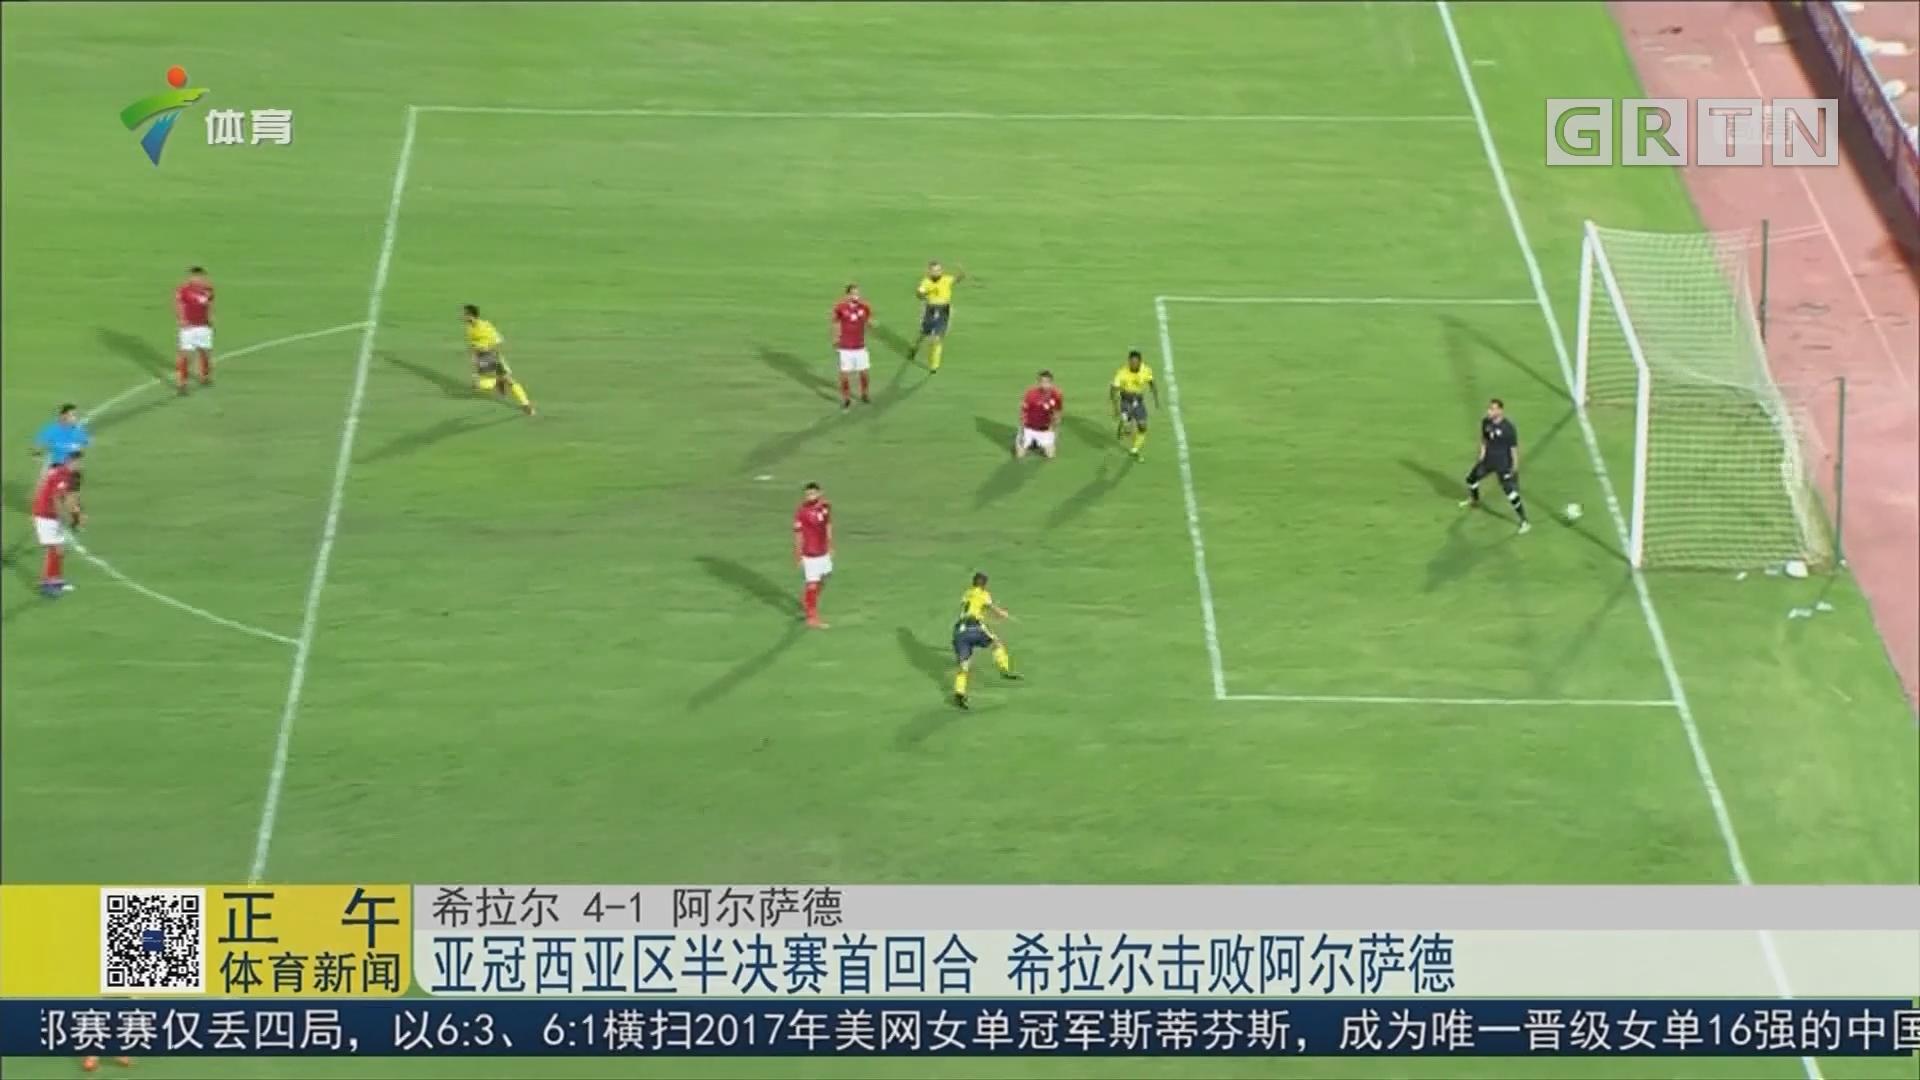 亚冠西亚区半决赛首回合 希拉尔击败阿尔萨德